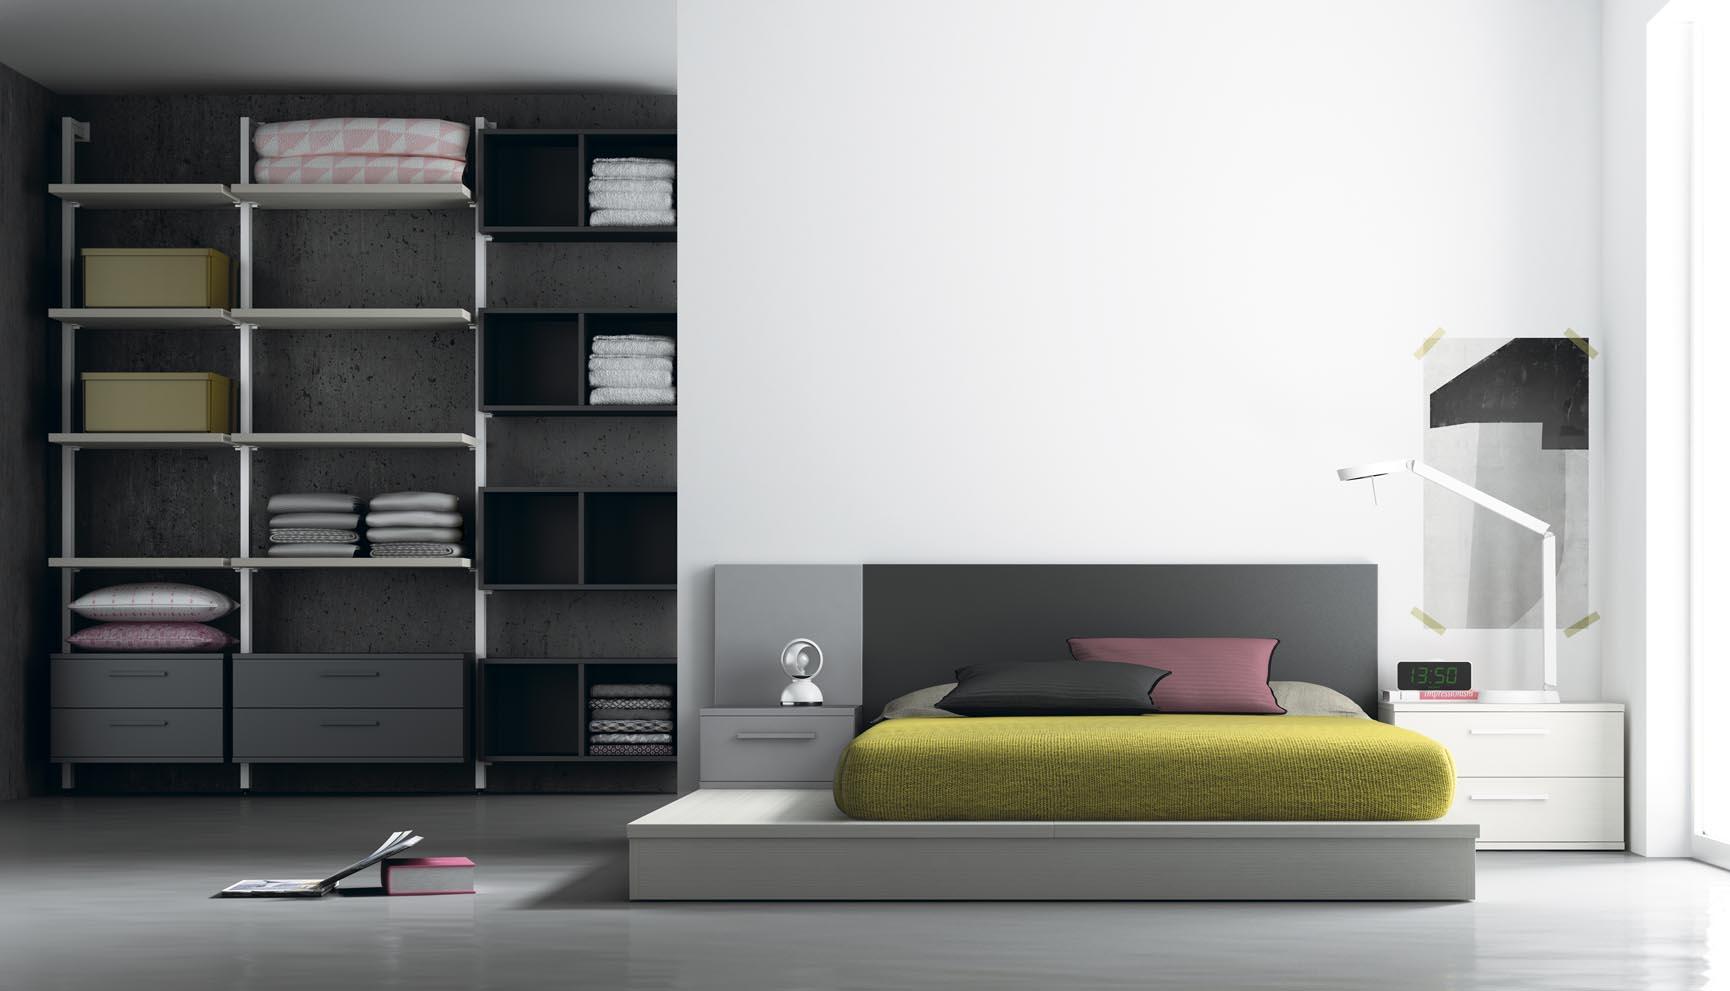 Tatat muebles a medida y m s expertos en mueble juvenil for Pequeno mueble para dormitorio adulto